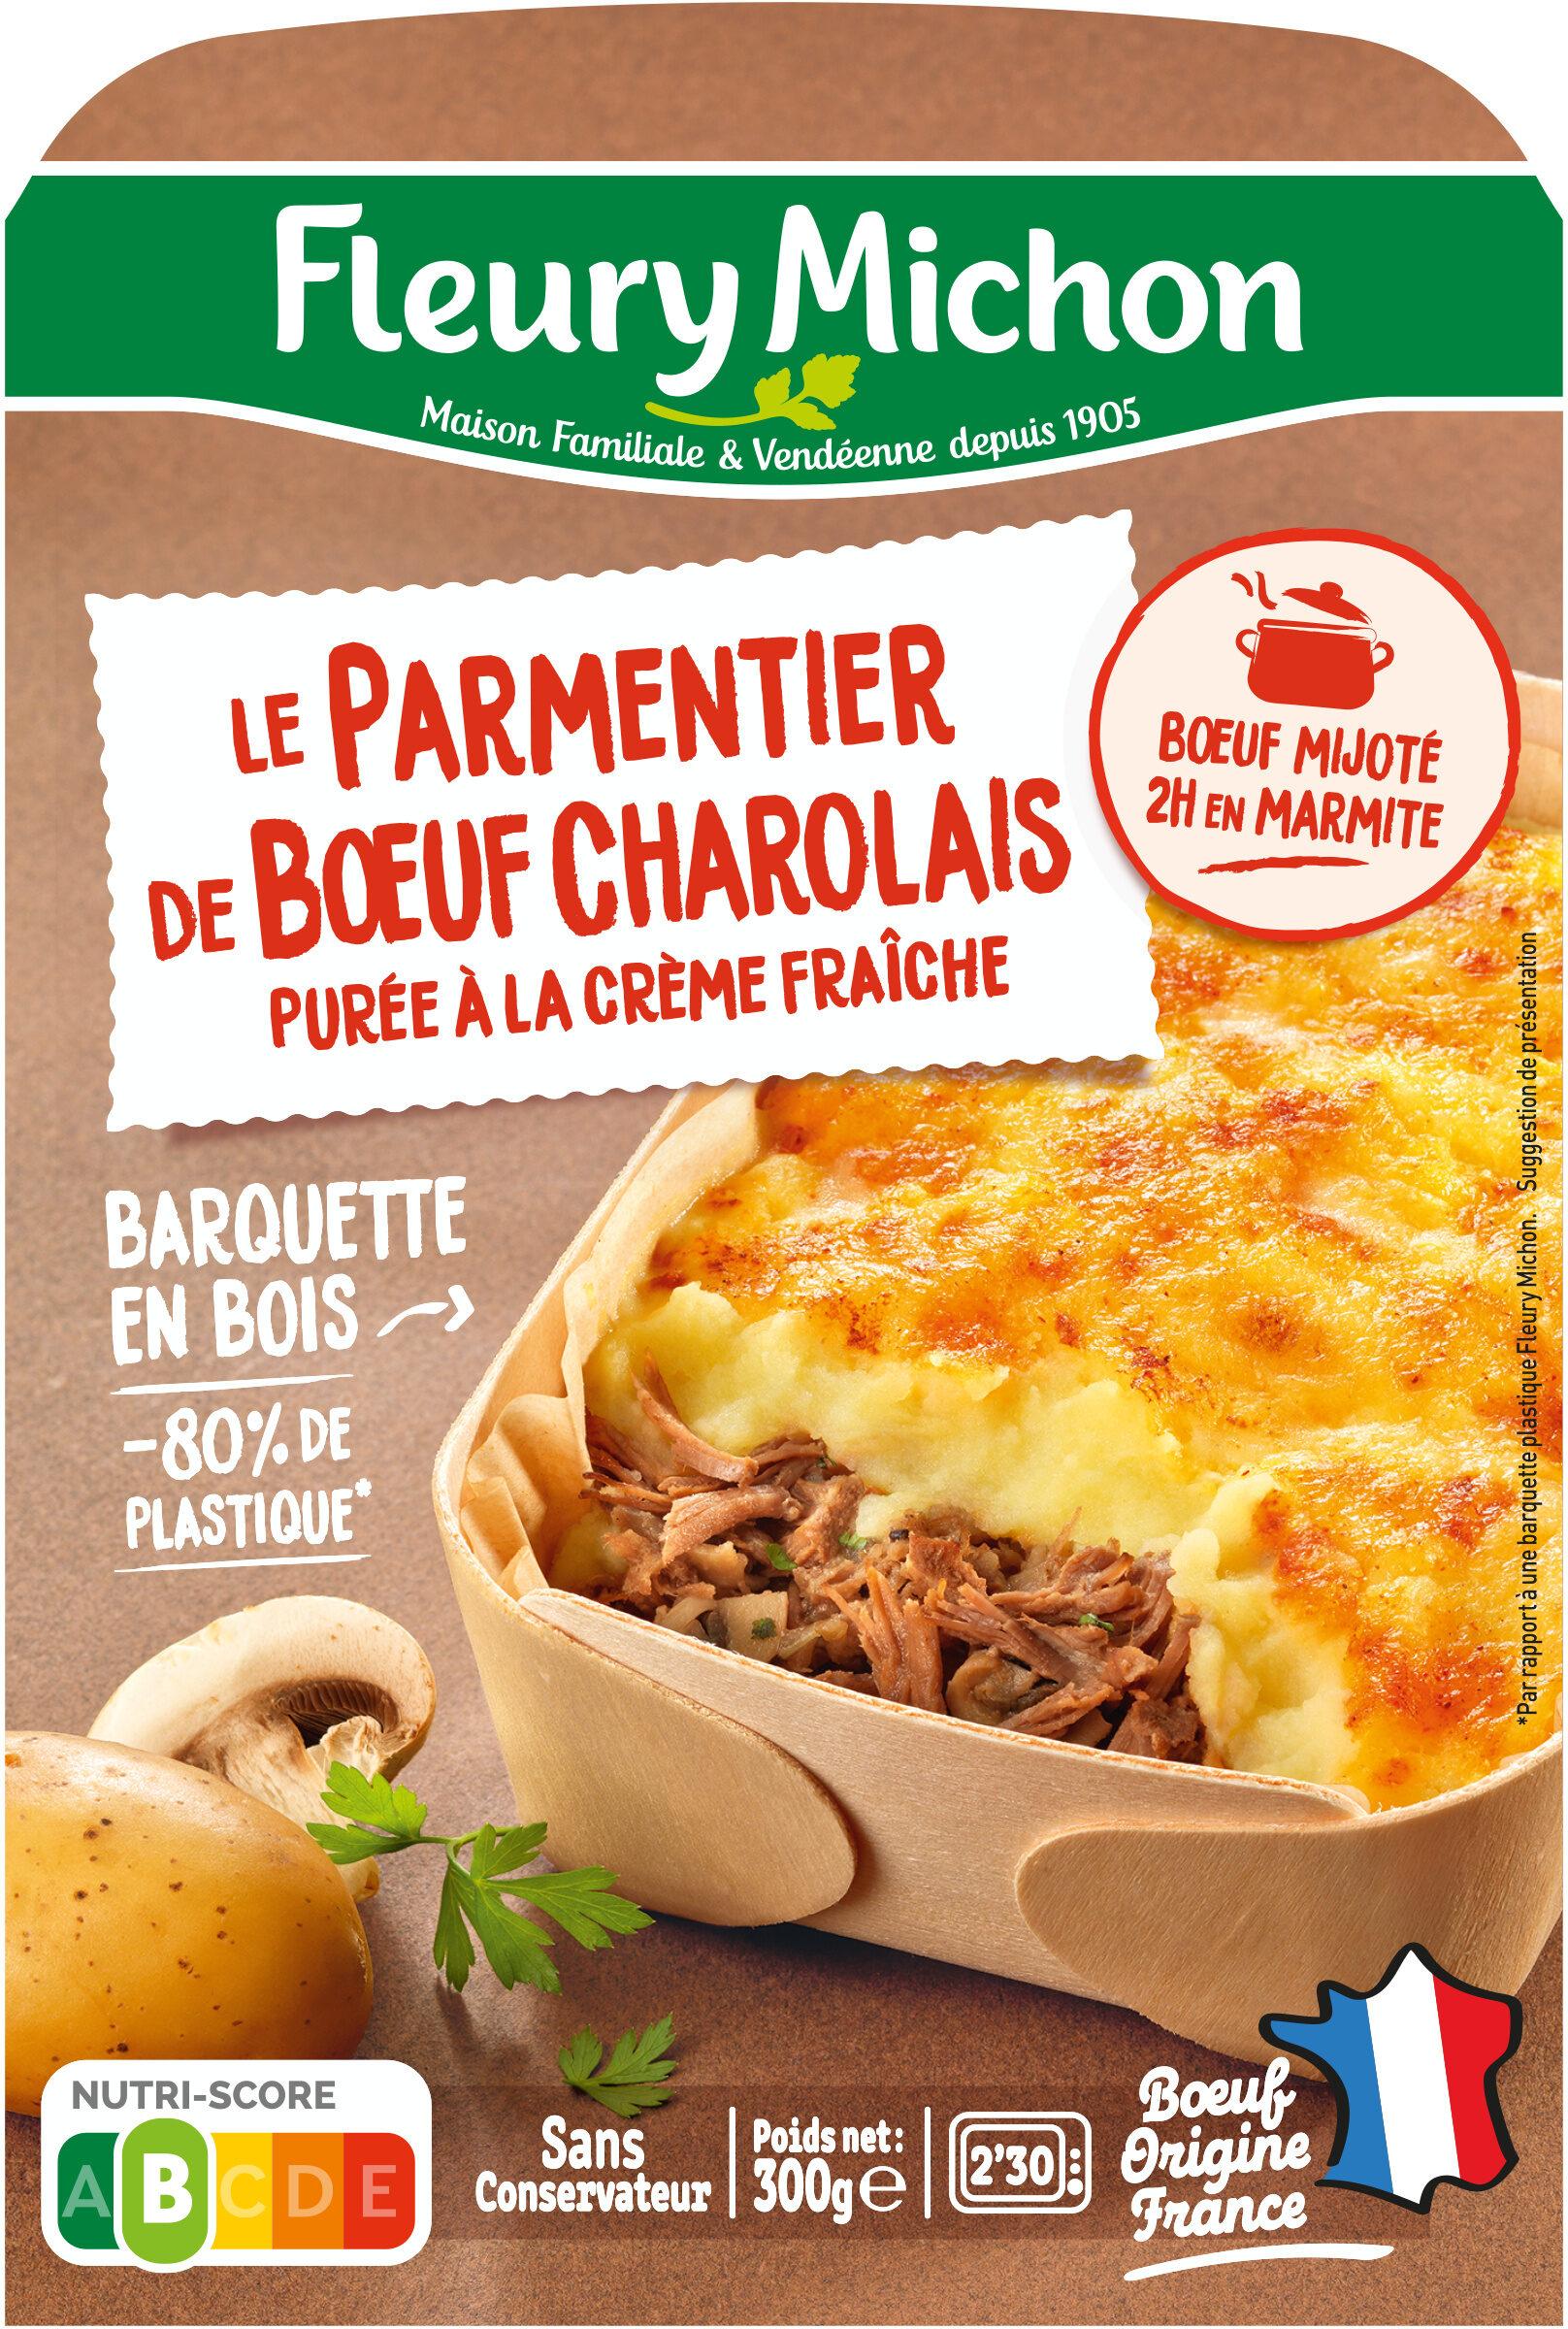 Le Parmentier de Boeuf Charolais purée à la crème fraîche - Product - fr